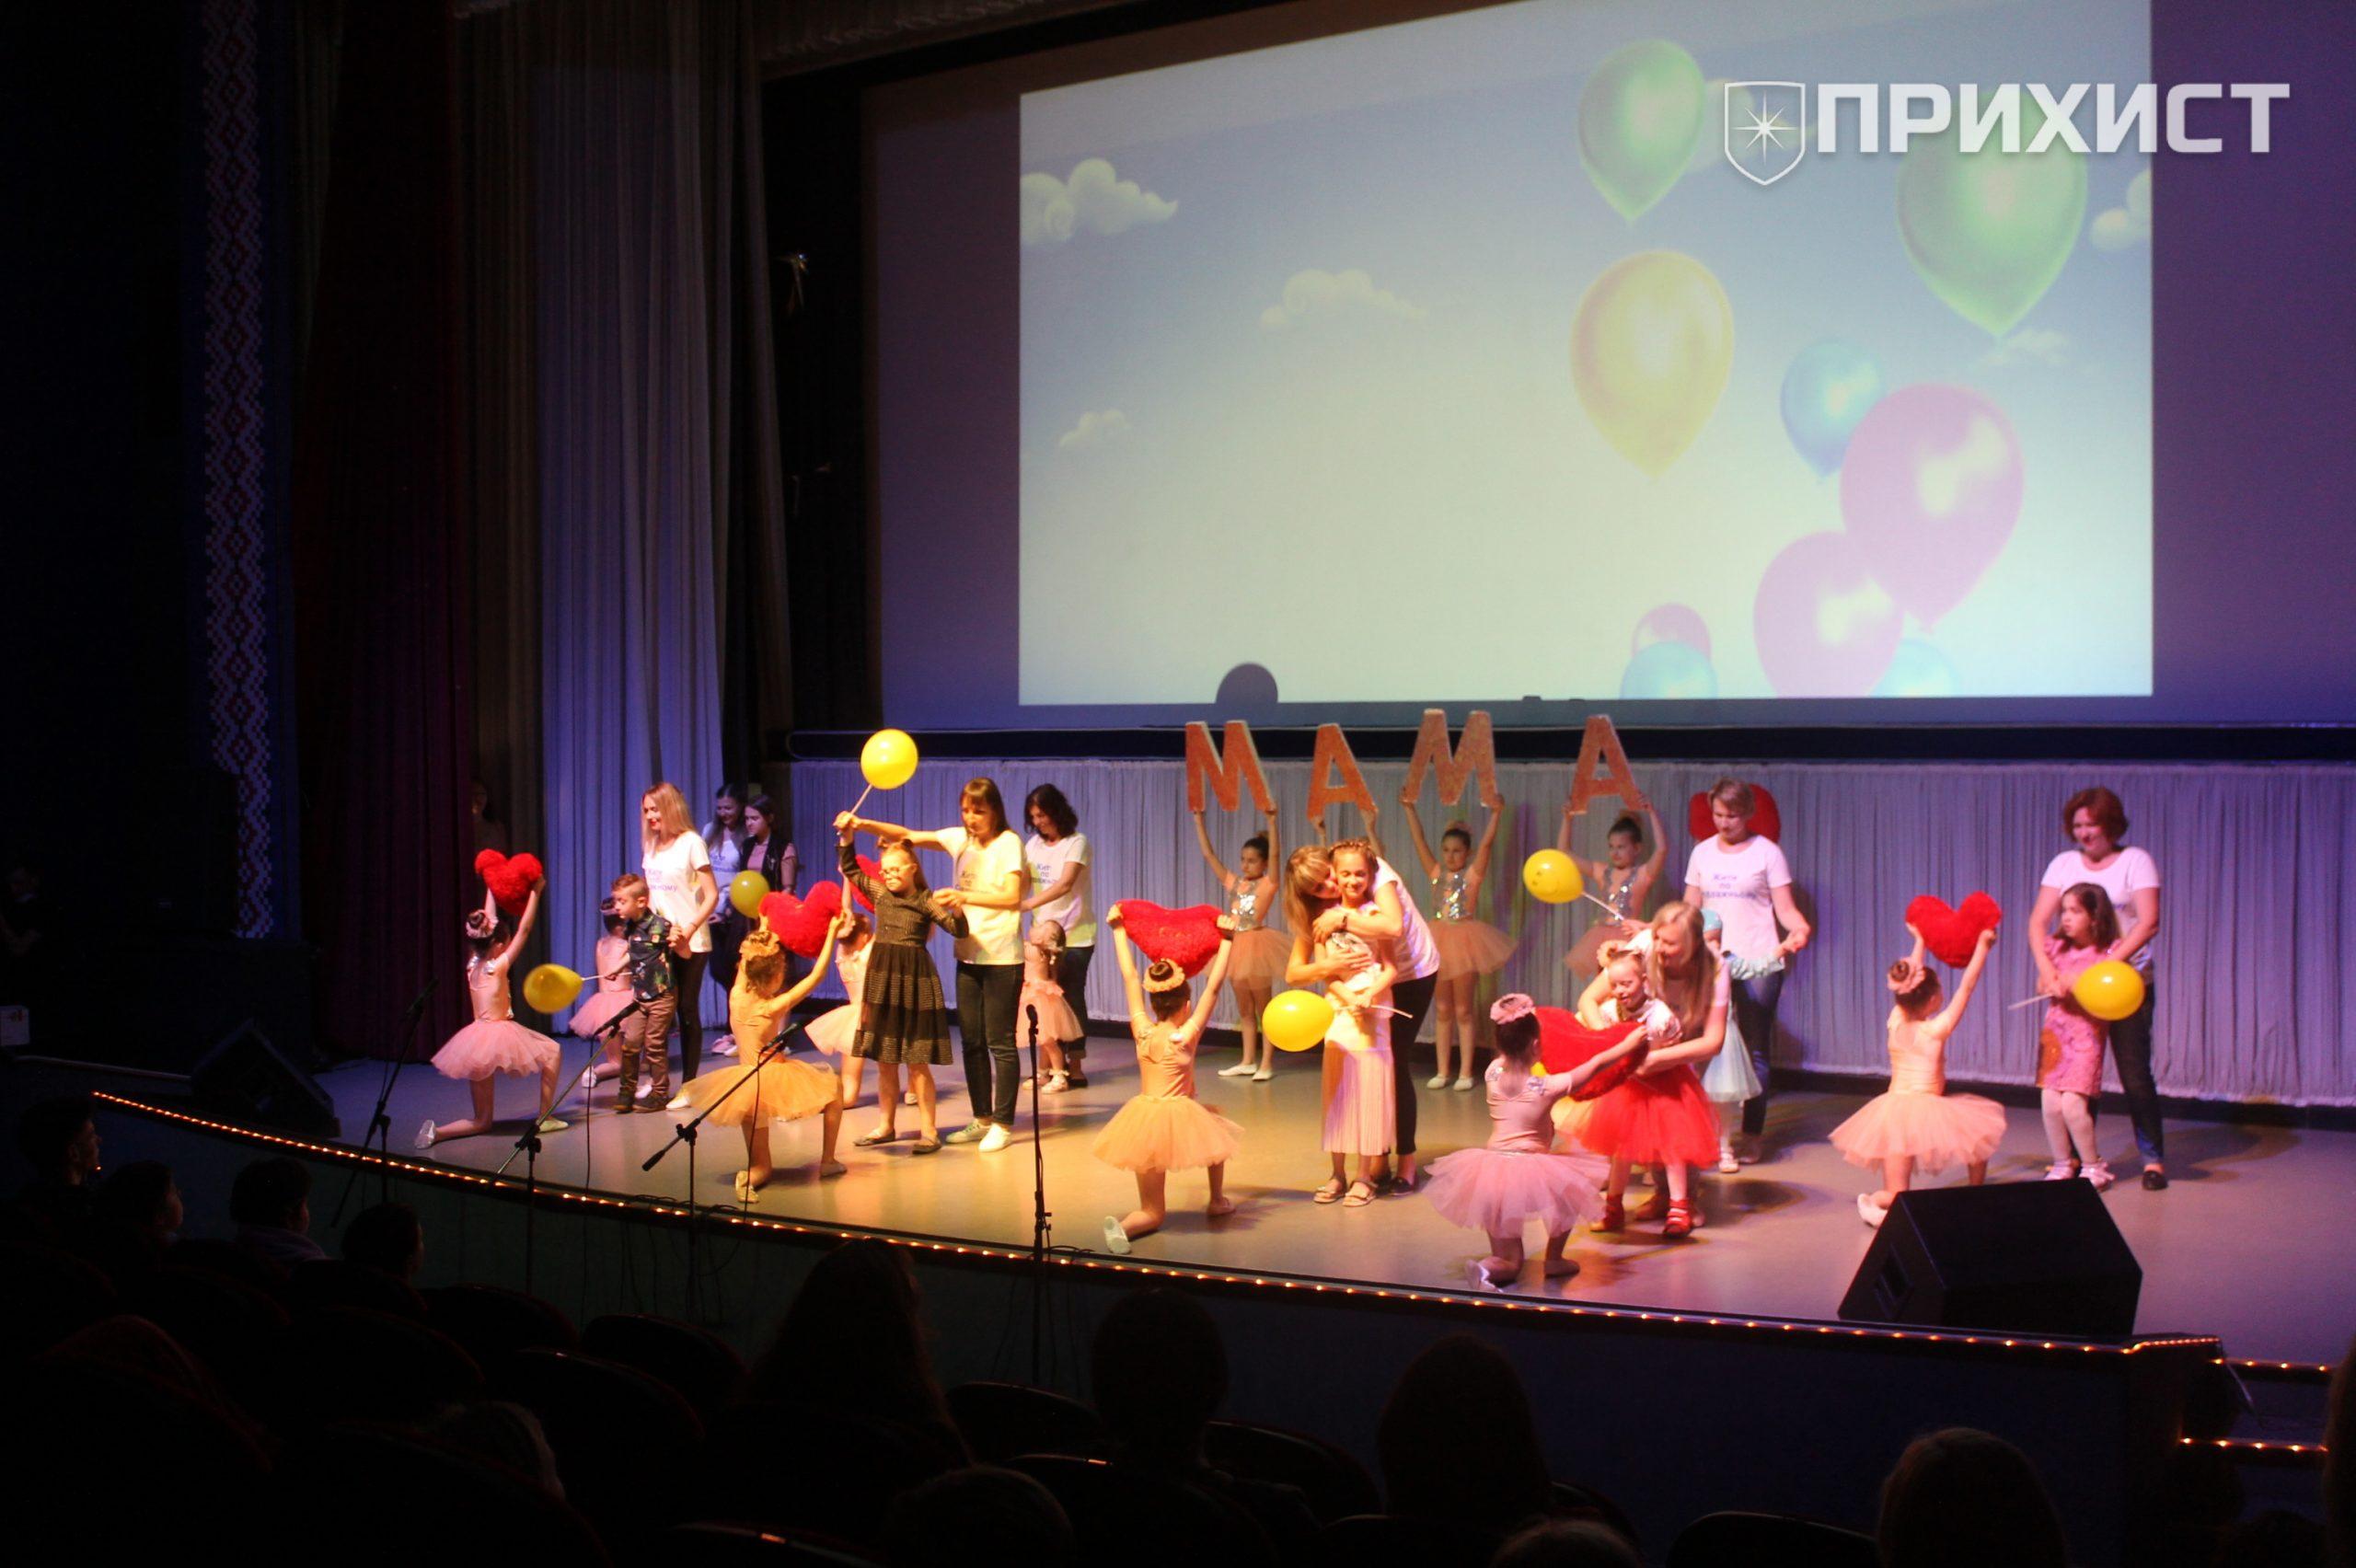 Благодійному фонду «Дітям Нікополя» виповнилося 10 років | Прихист